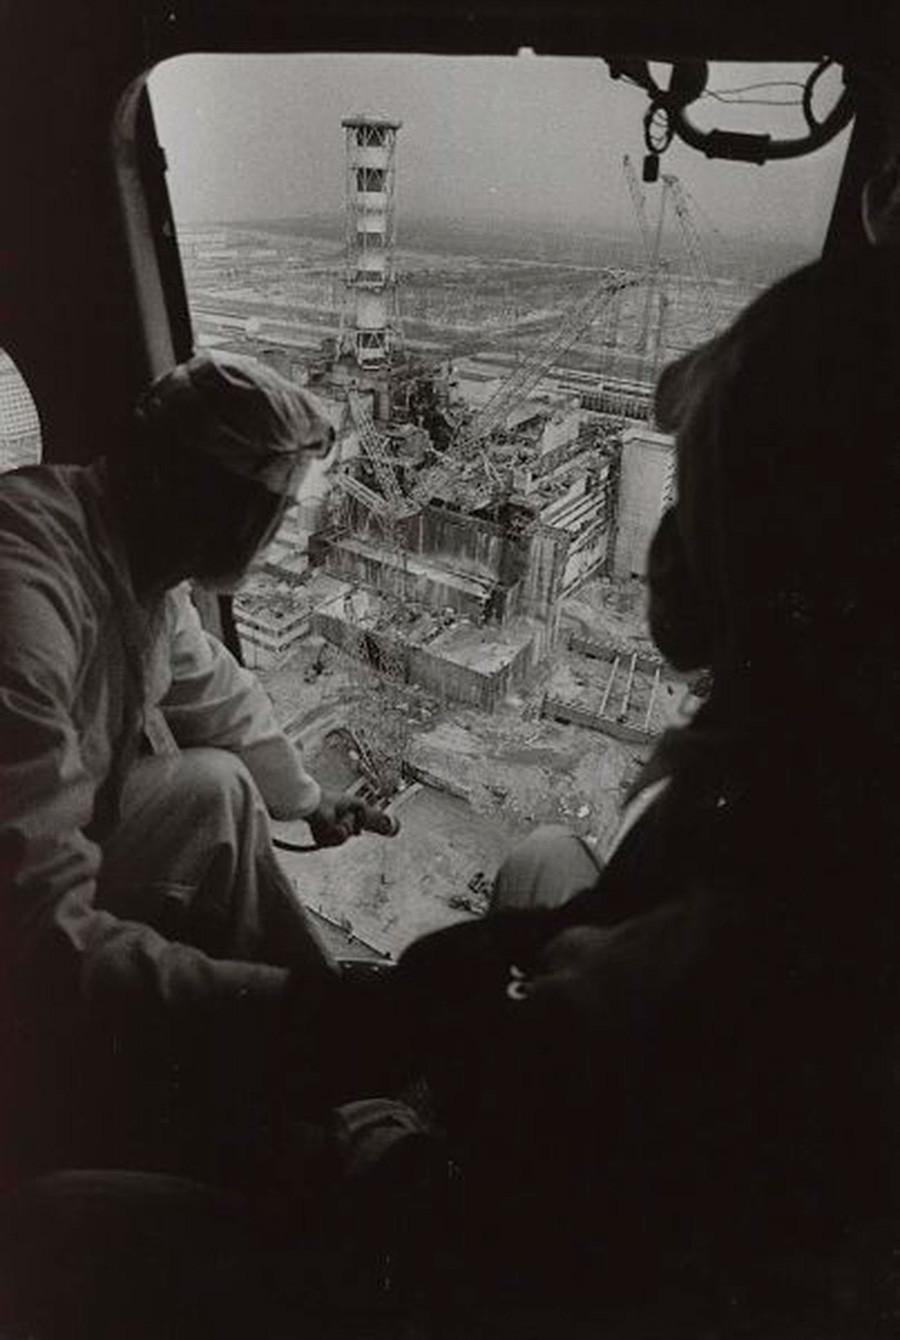 Radioaktivitätsmessung aus einem Hubschrauber heraus, 1986